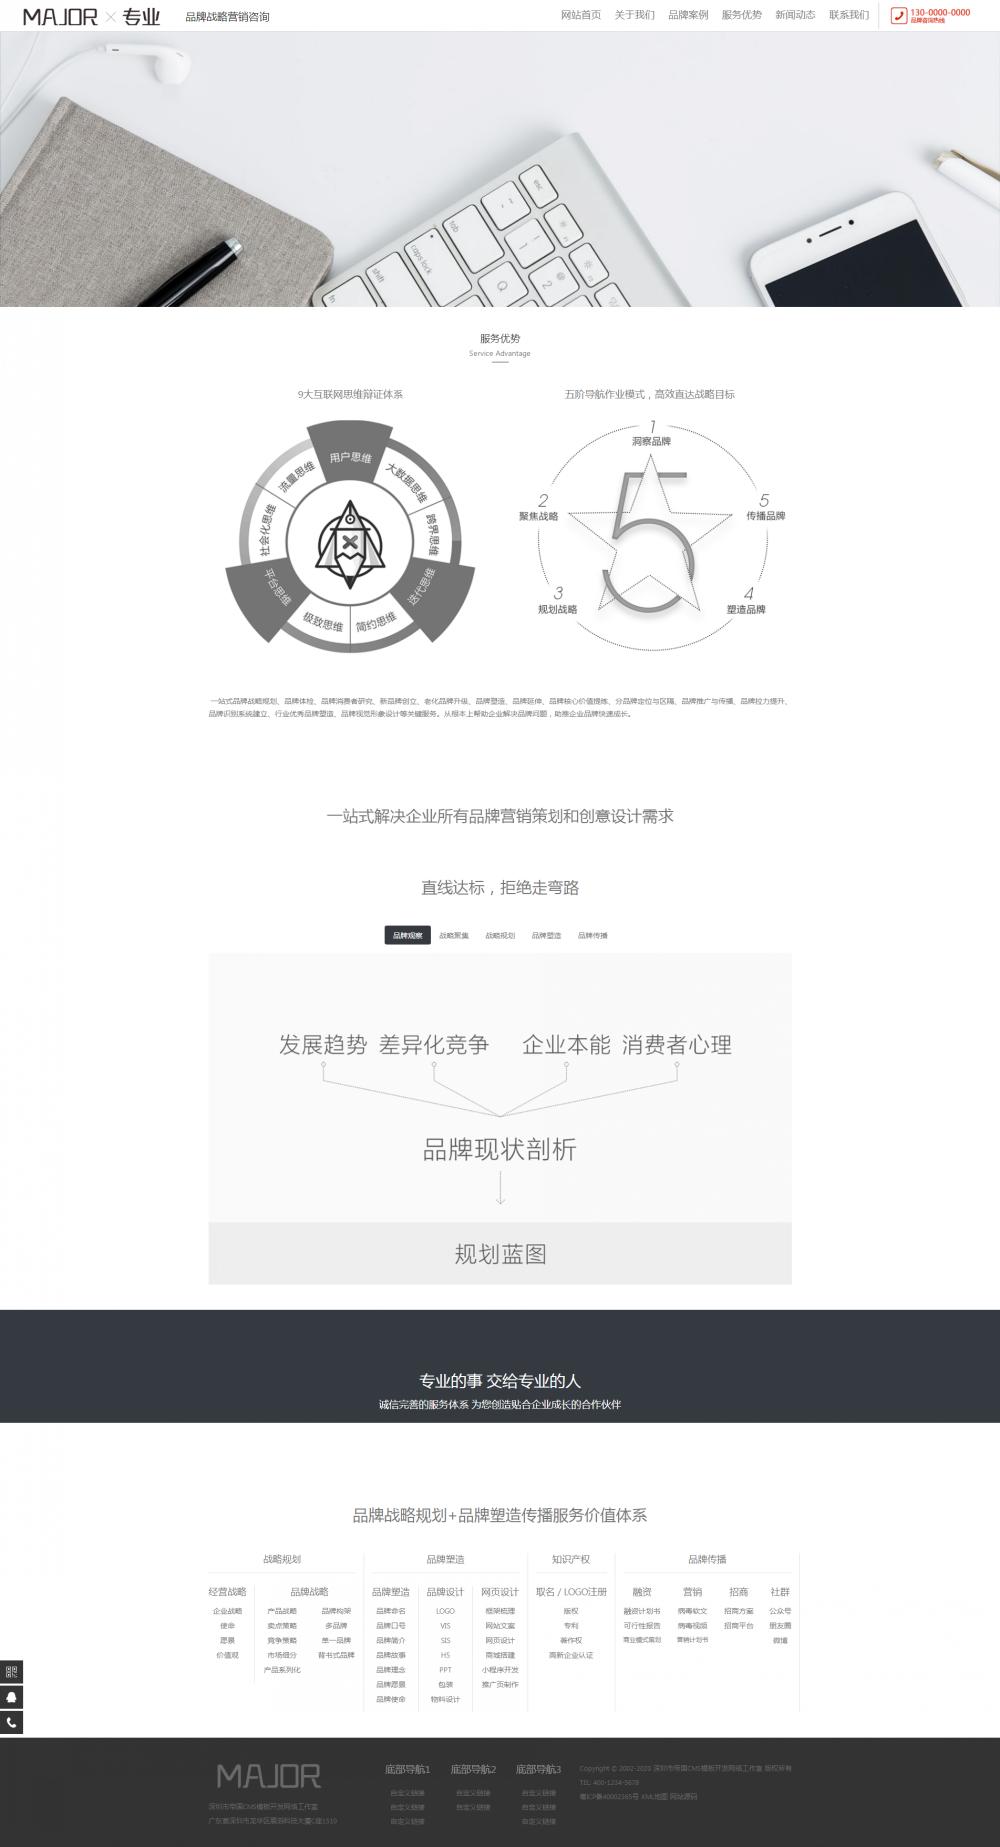 4服务优势.png [DG-116]响应式品牌战略营销设计帝国mcs模板 HTML5品牌策划设计类帝国网站源码 企业模板 第4张